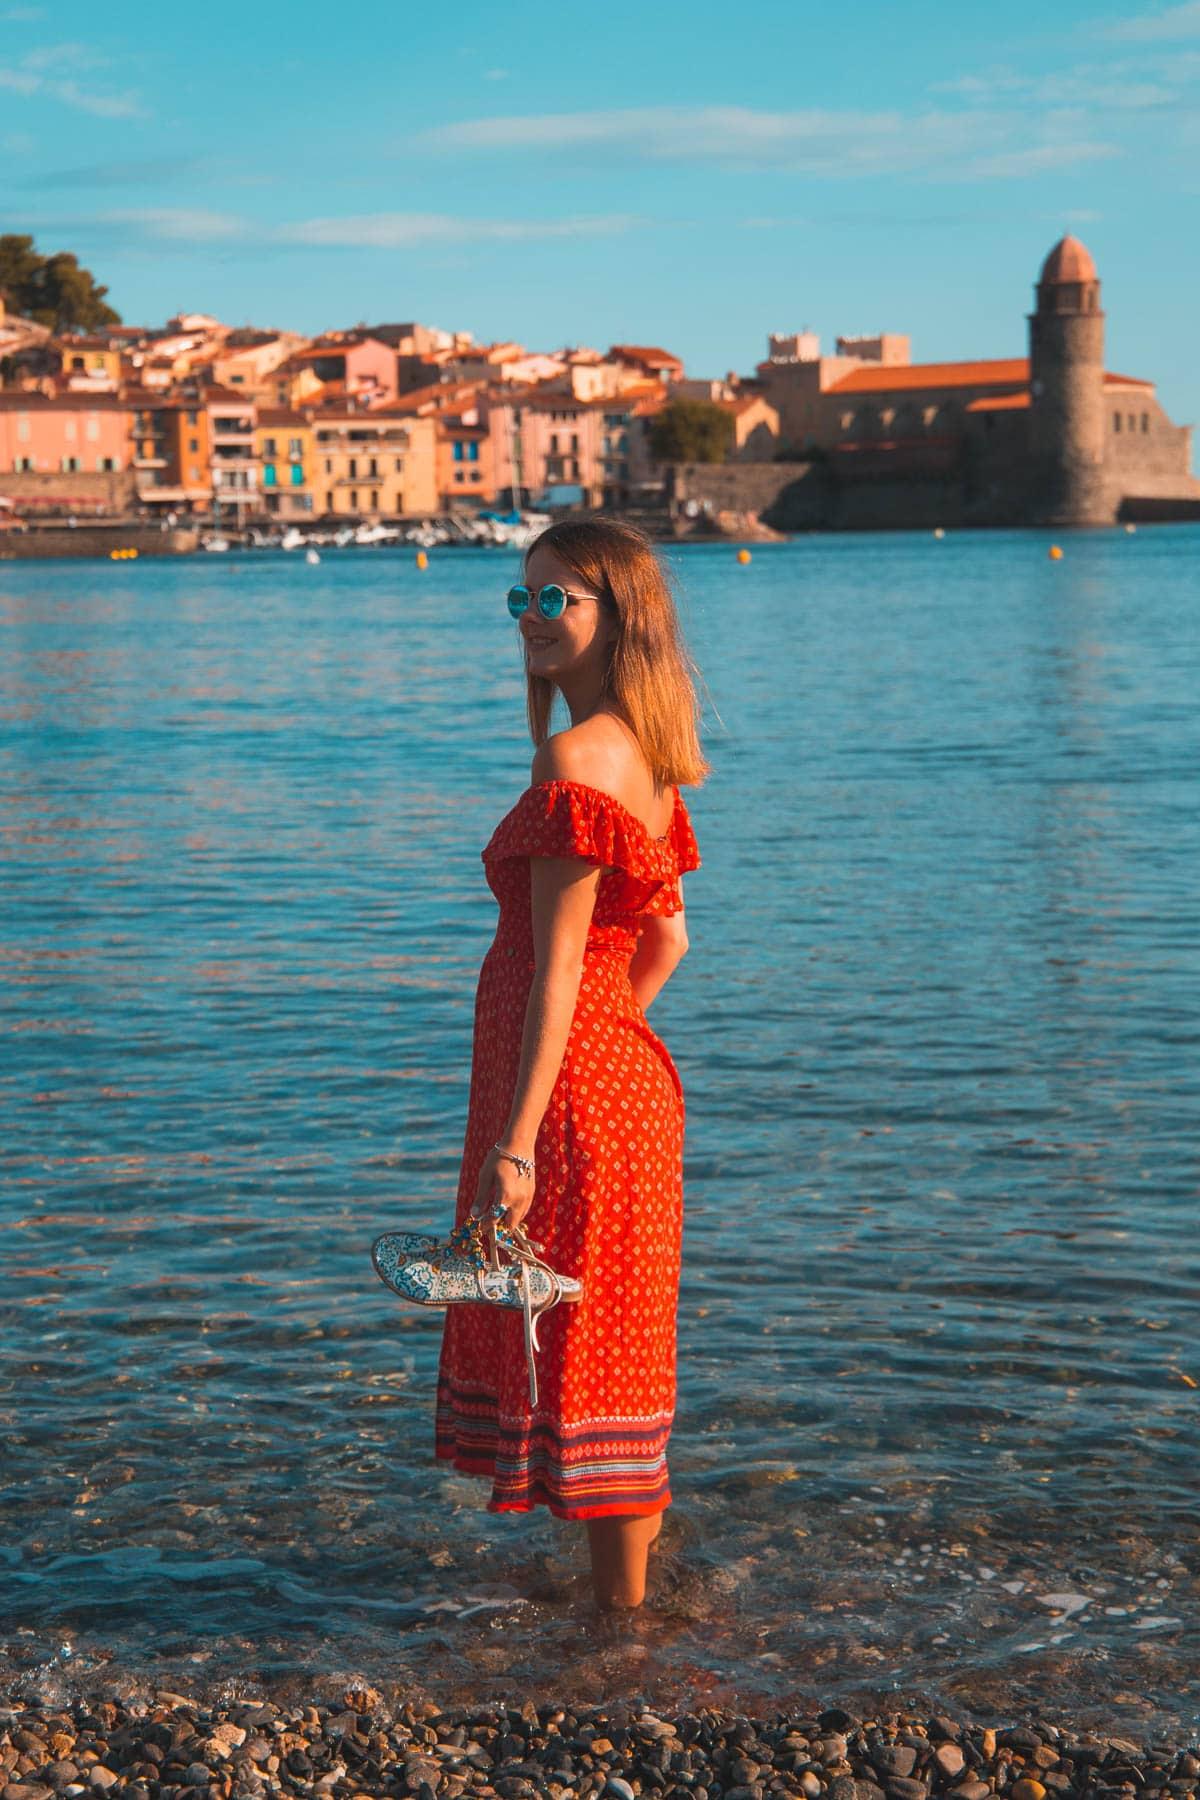 Coillure - Top 5 Ausflugsziele im Roussillon in Südfrankreich